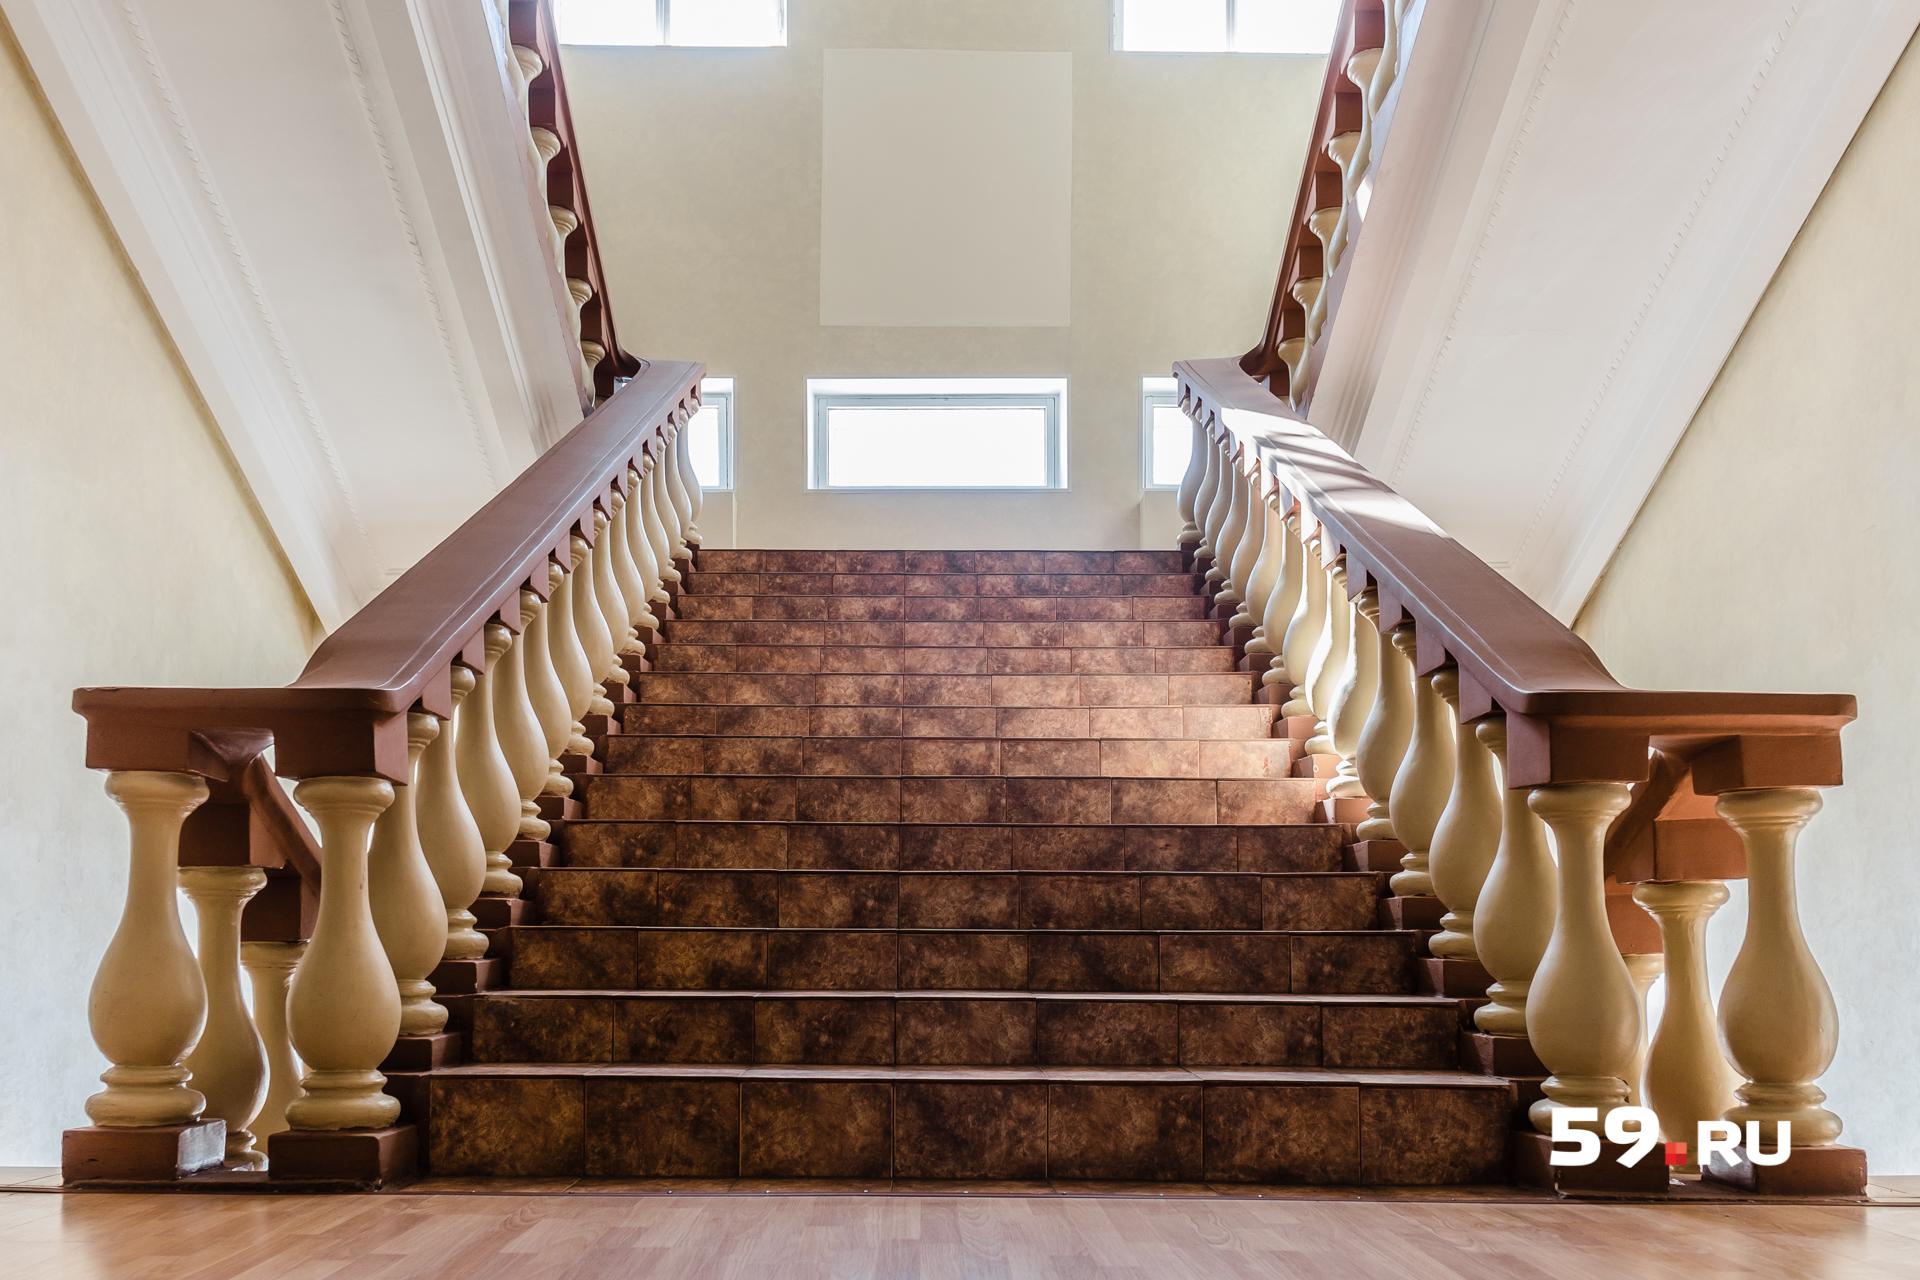 Внутри здания сохранилась широкая парадная лестница